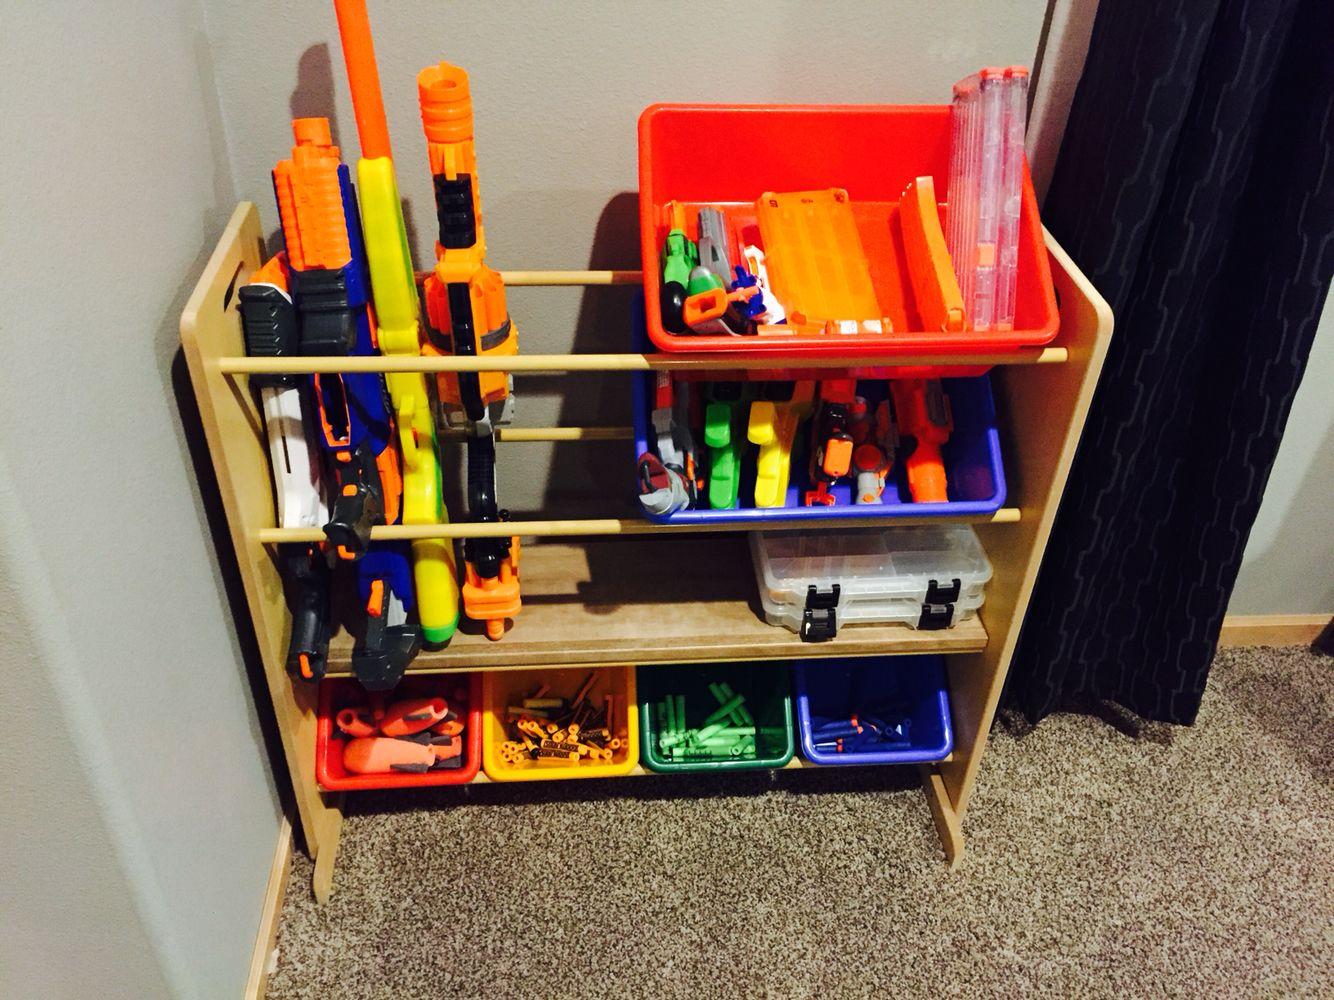 Nerf gun shelf | Easton 6! | Pinterest | Guns, Shelves and Room